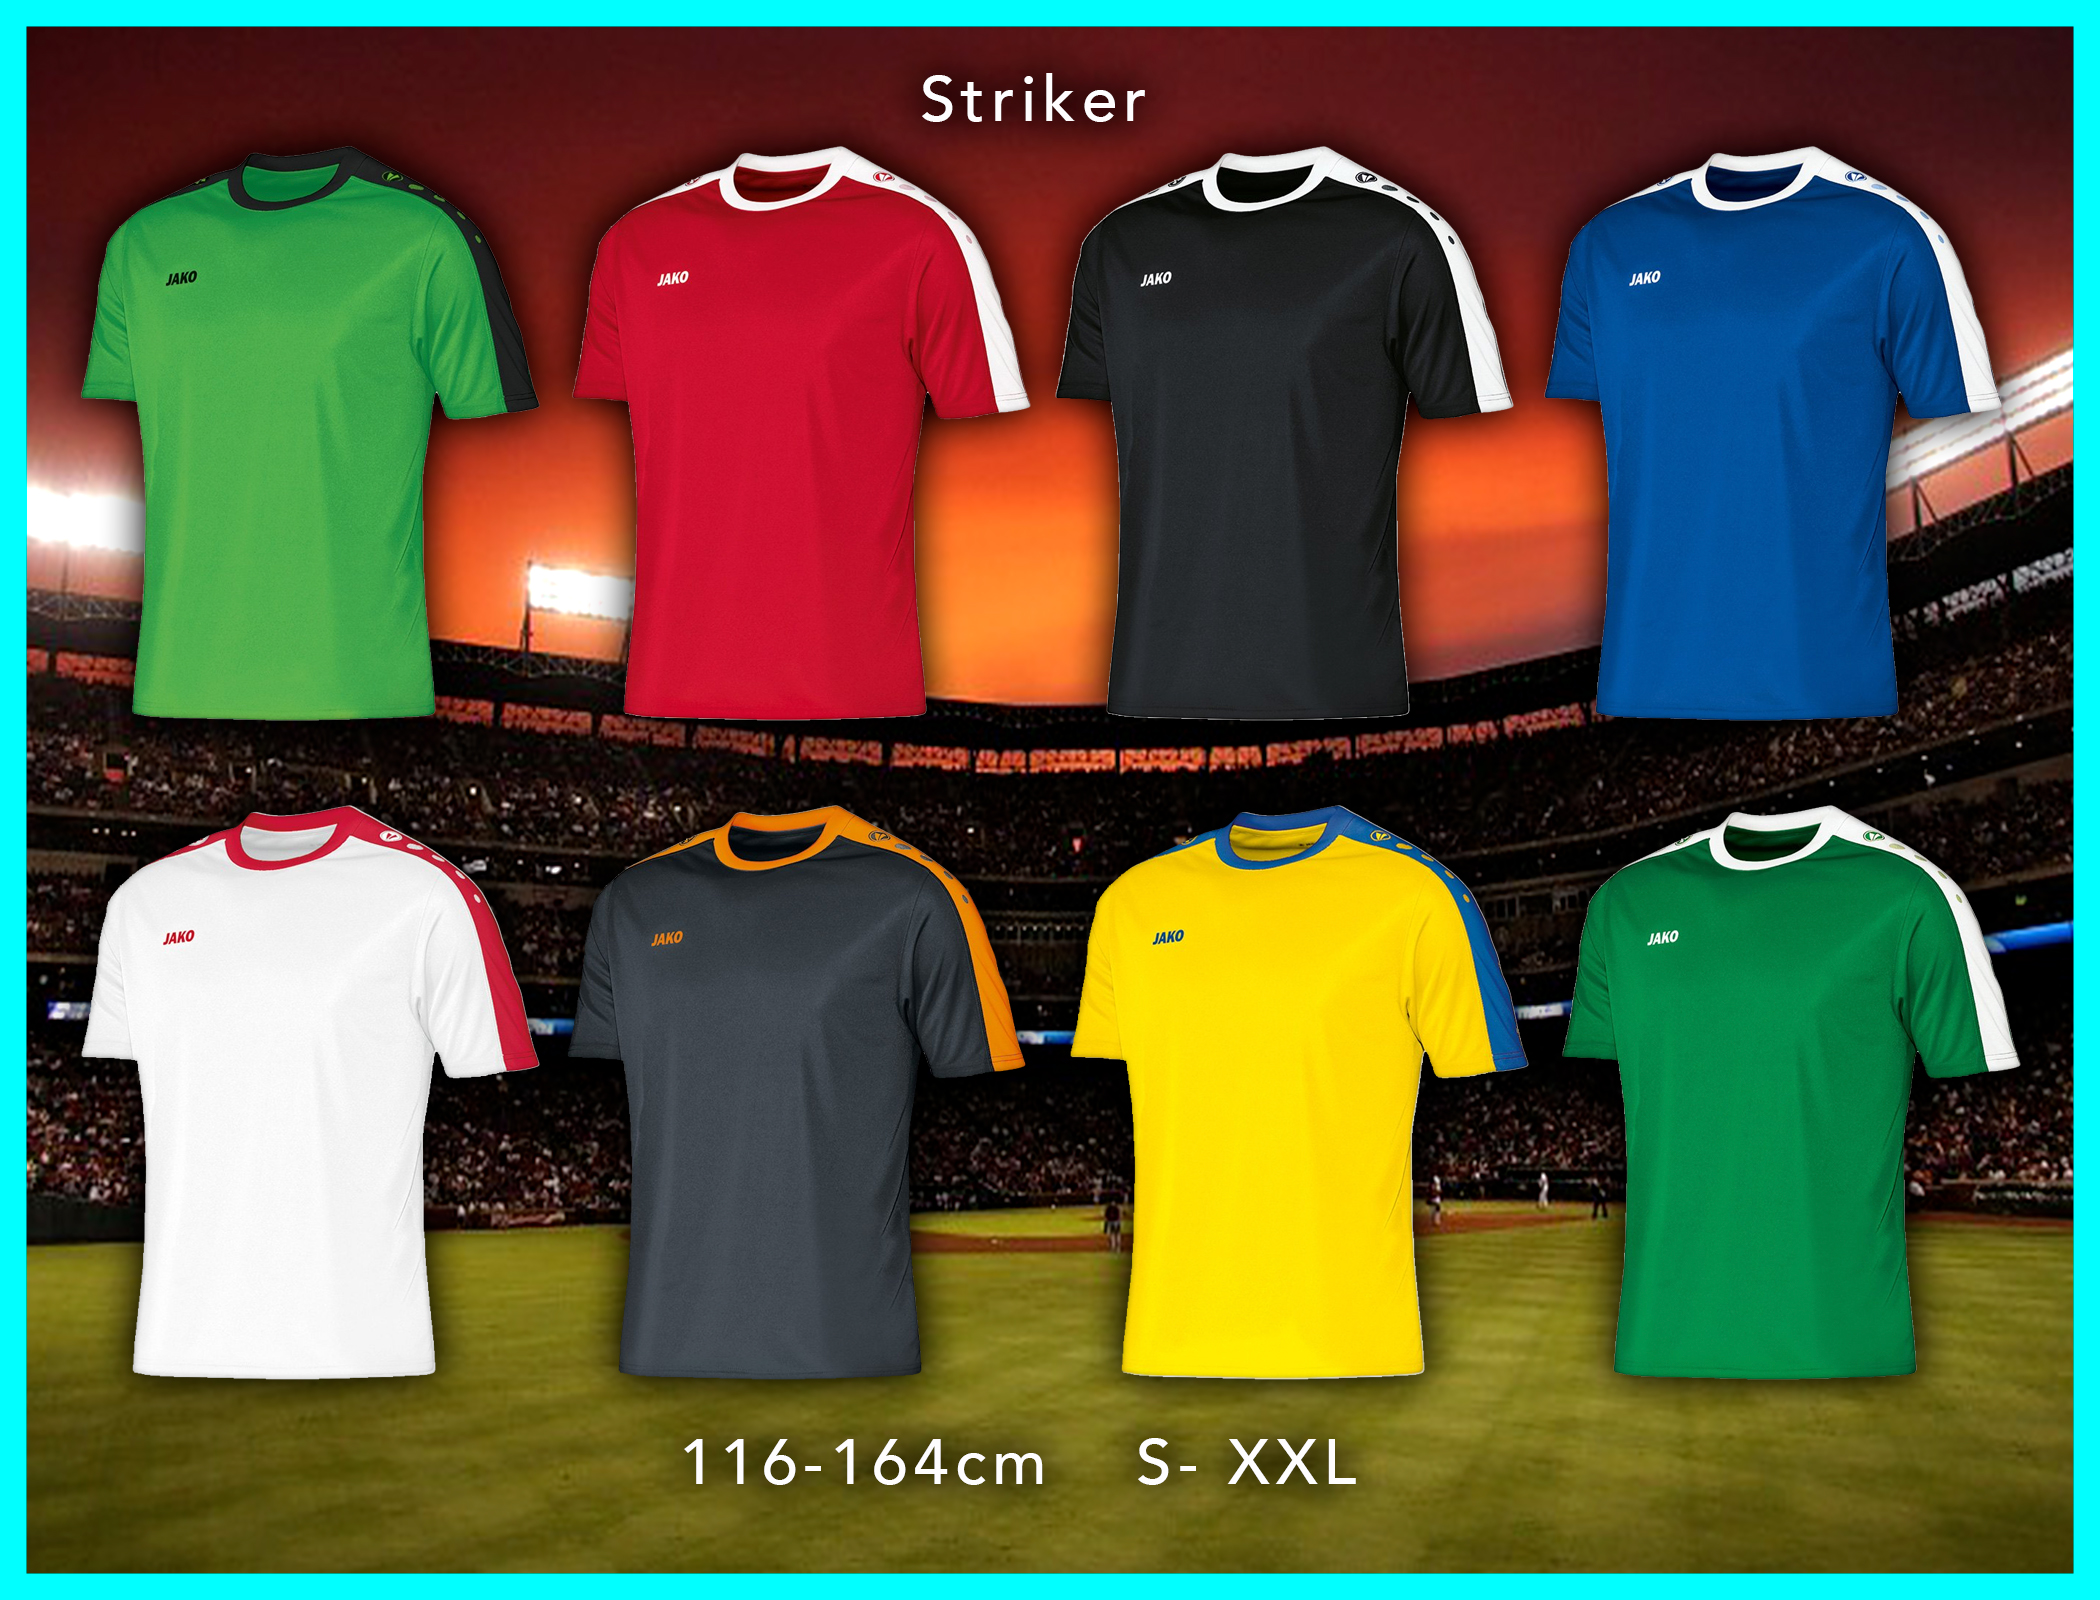 jalkapallopaita striker 1